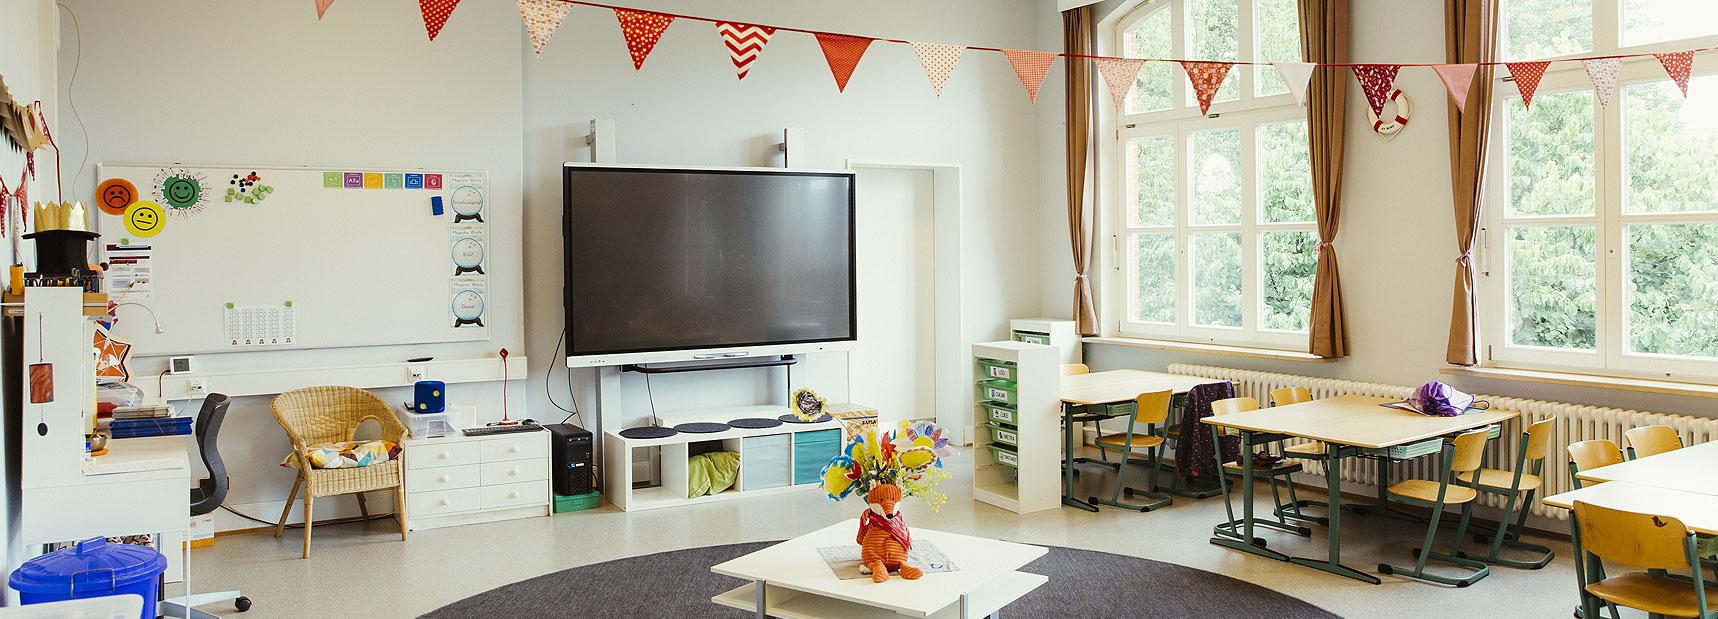 Es ist ein helles Klassenzimmer zu sehen mit großen Fenstern. Es ist ein bisschen festlich dekoriert mit einer Wimpelkette.